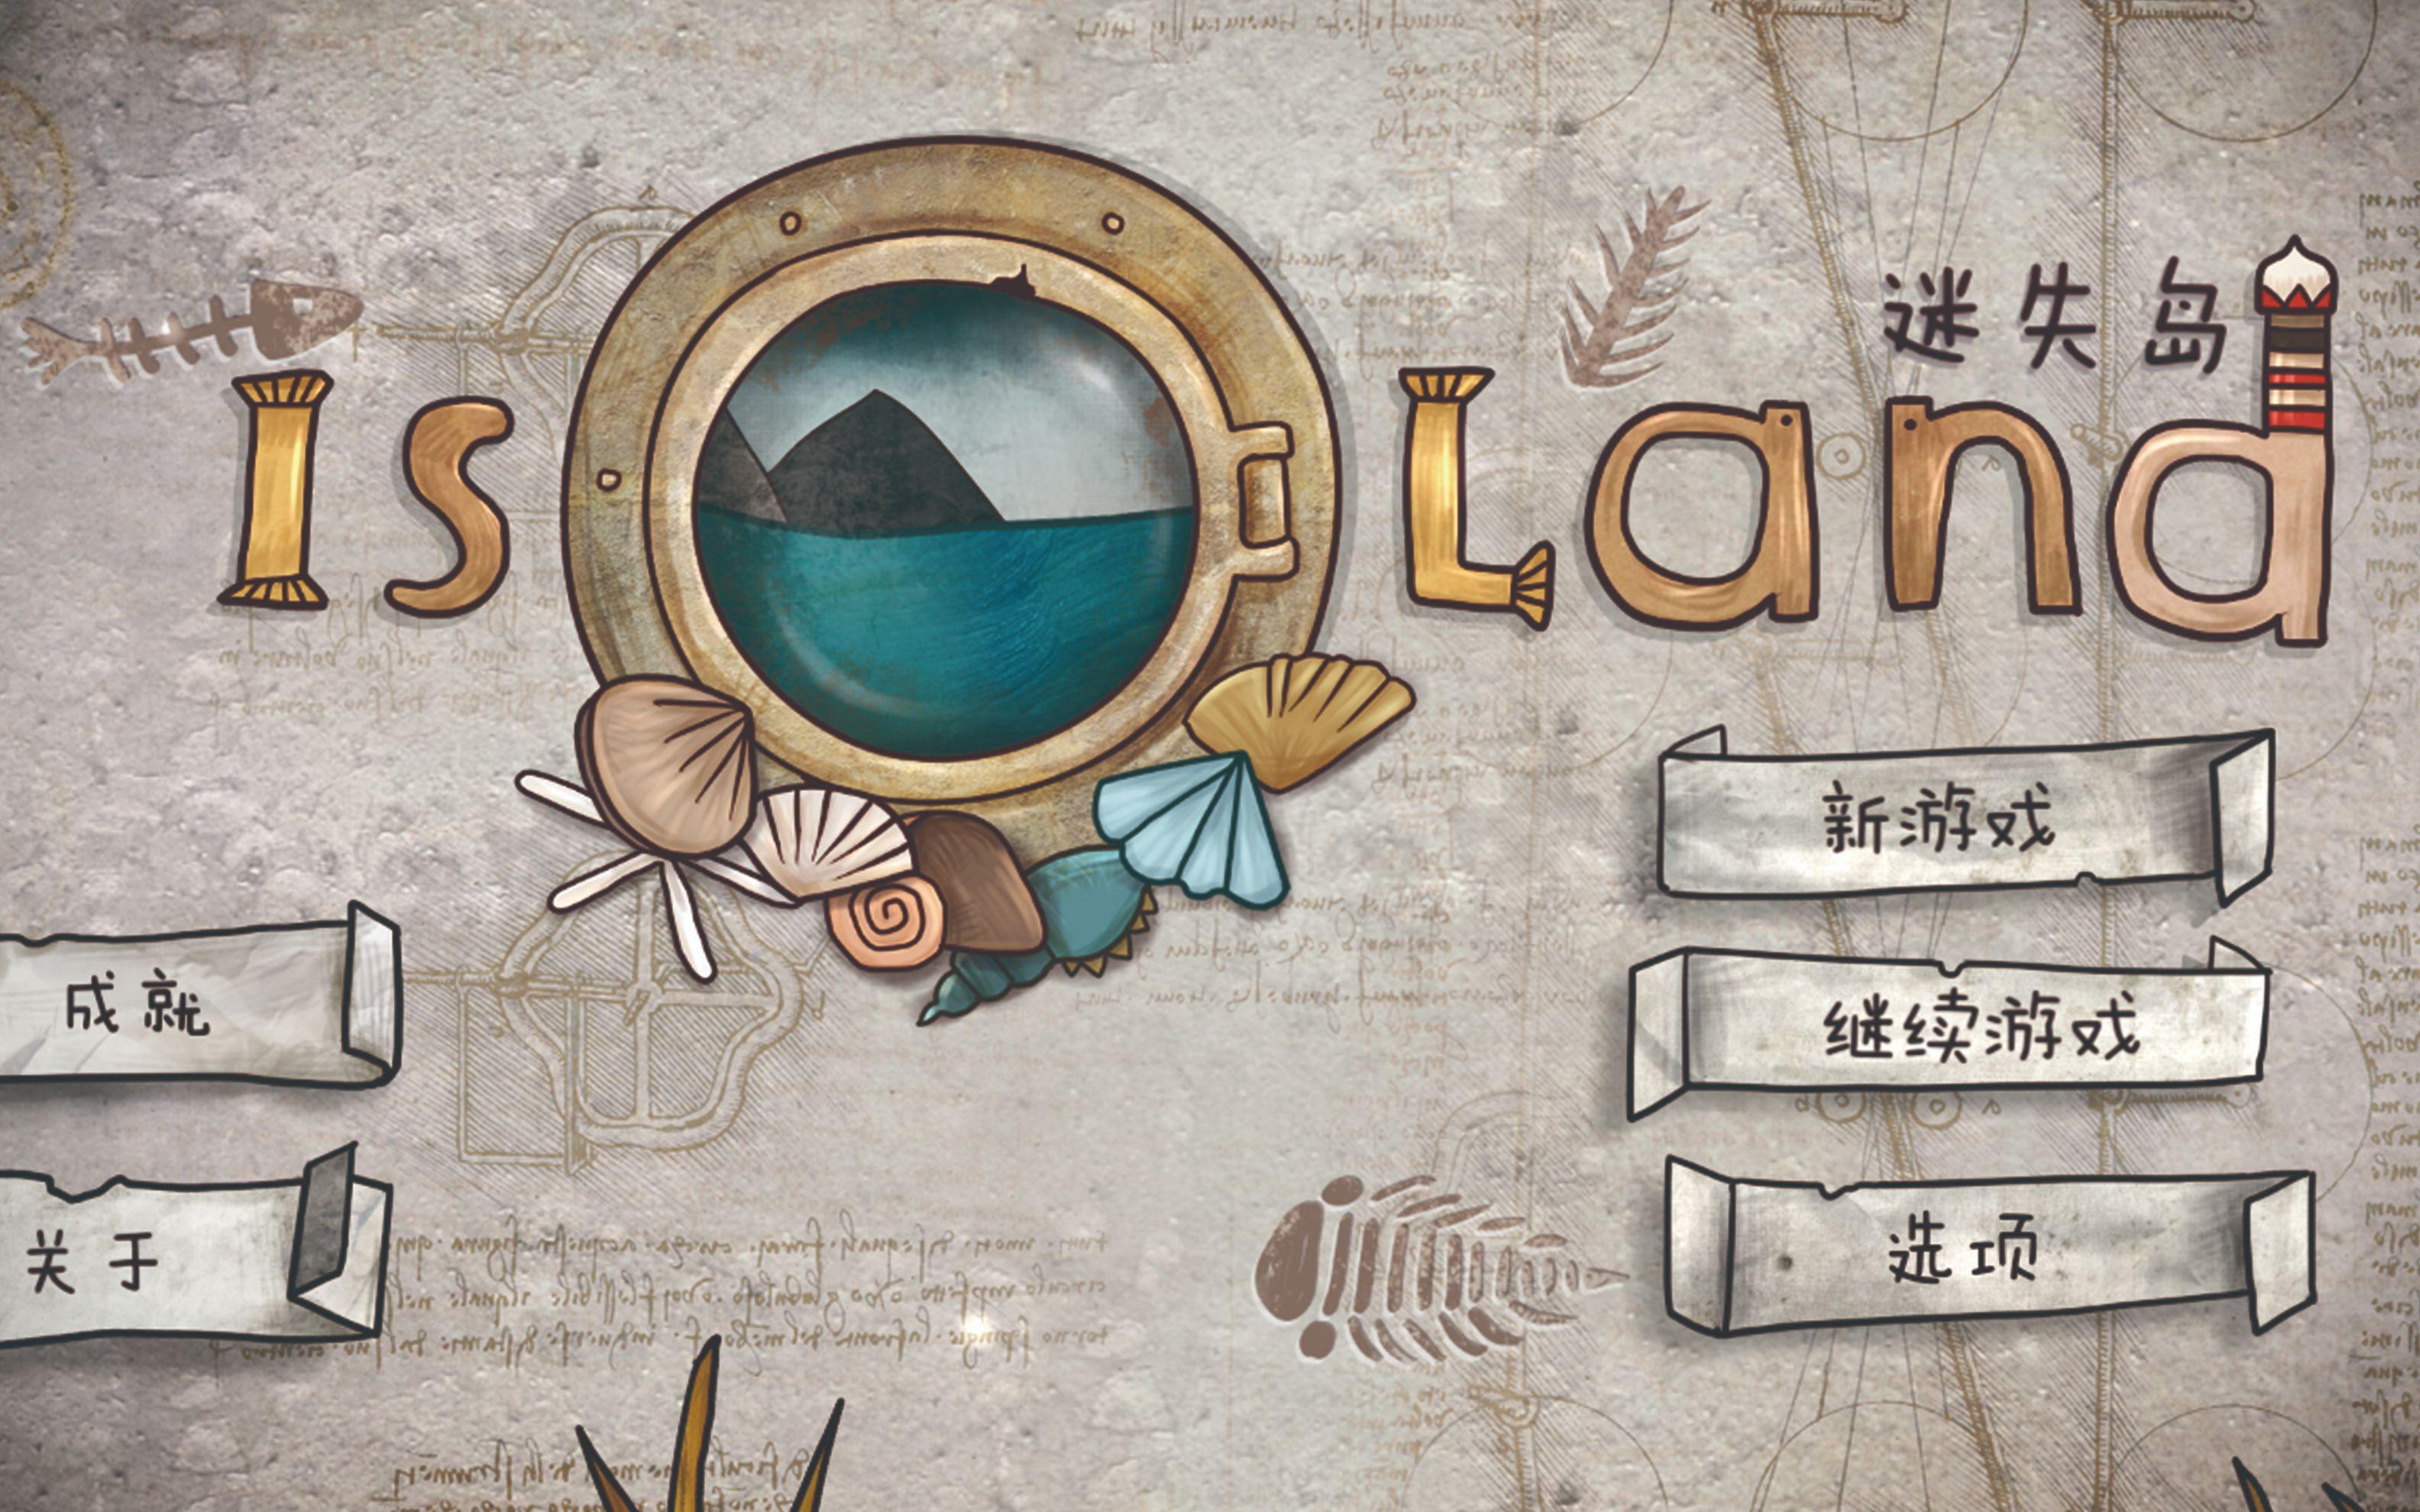 竹子-迷失岛1-我最最后作弊了。